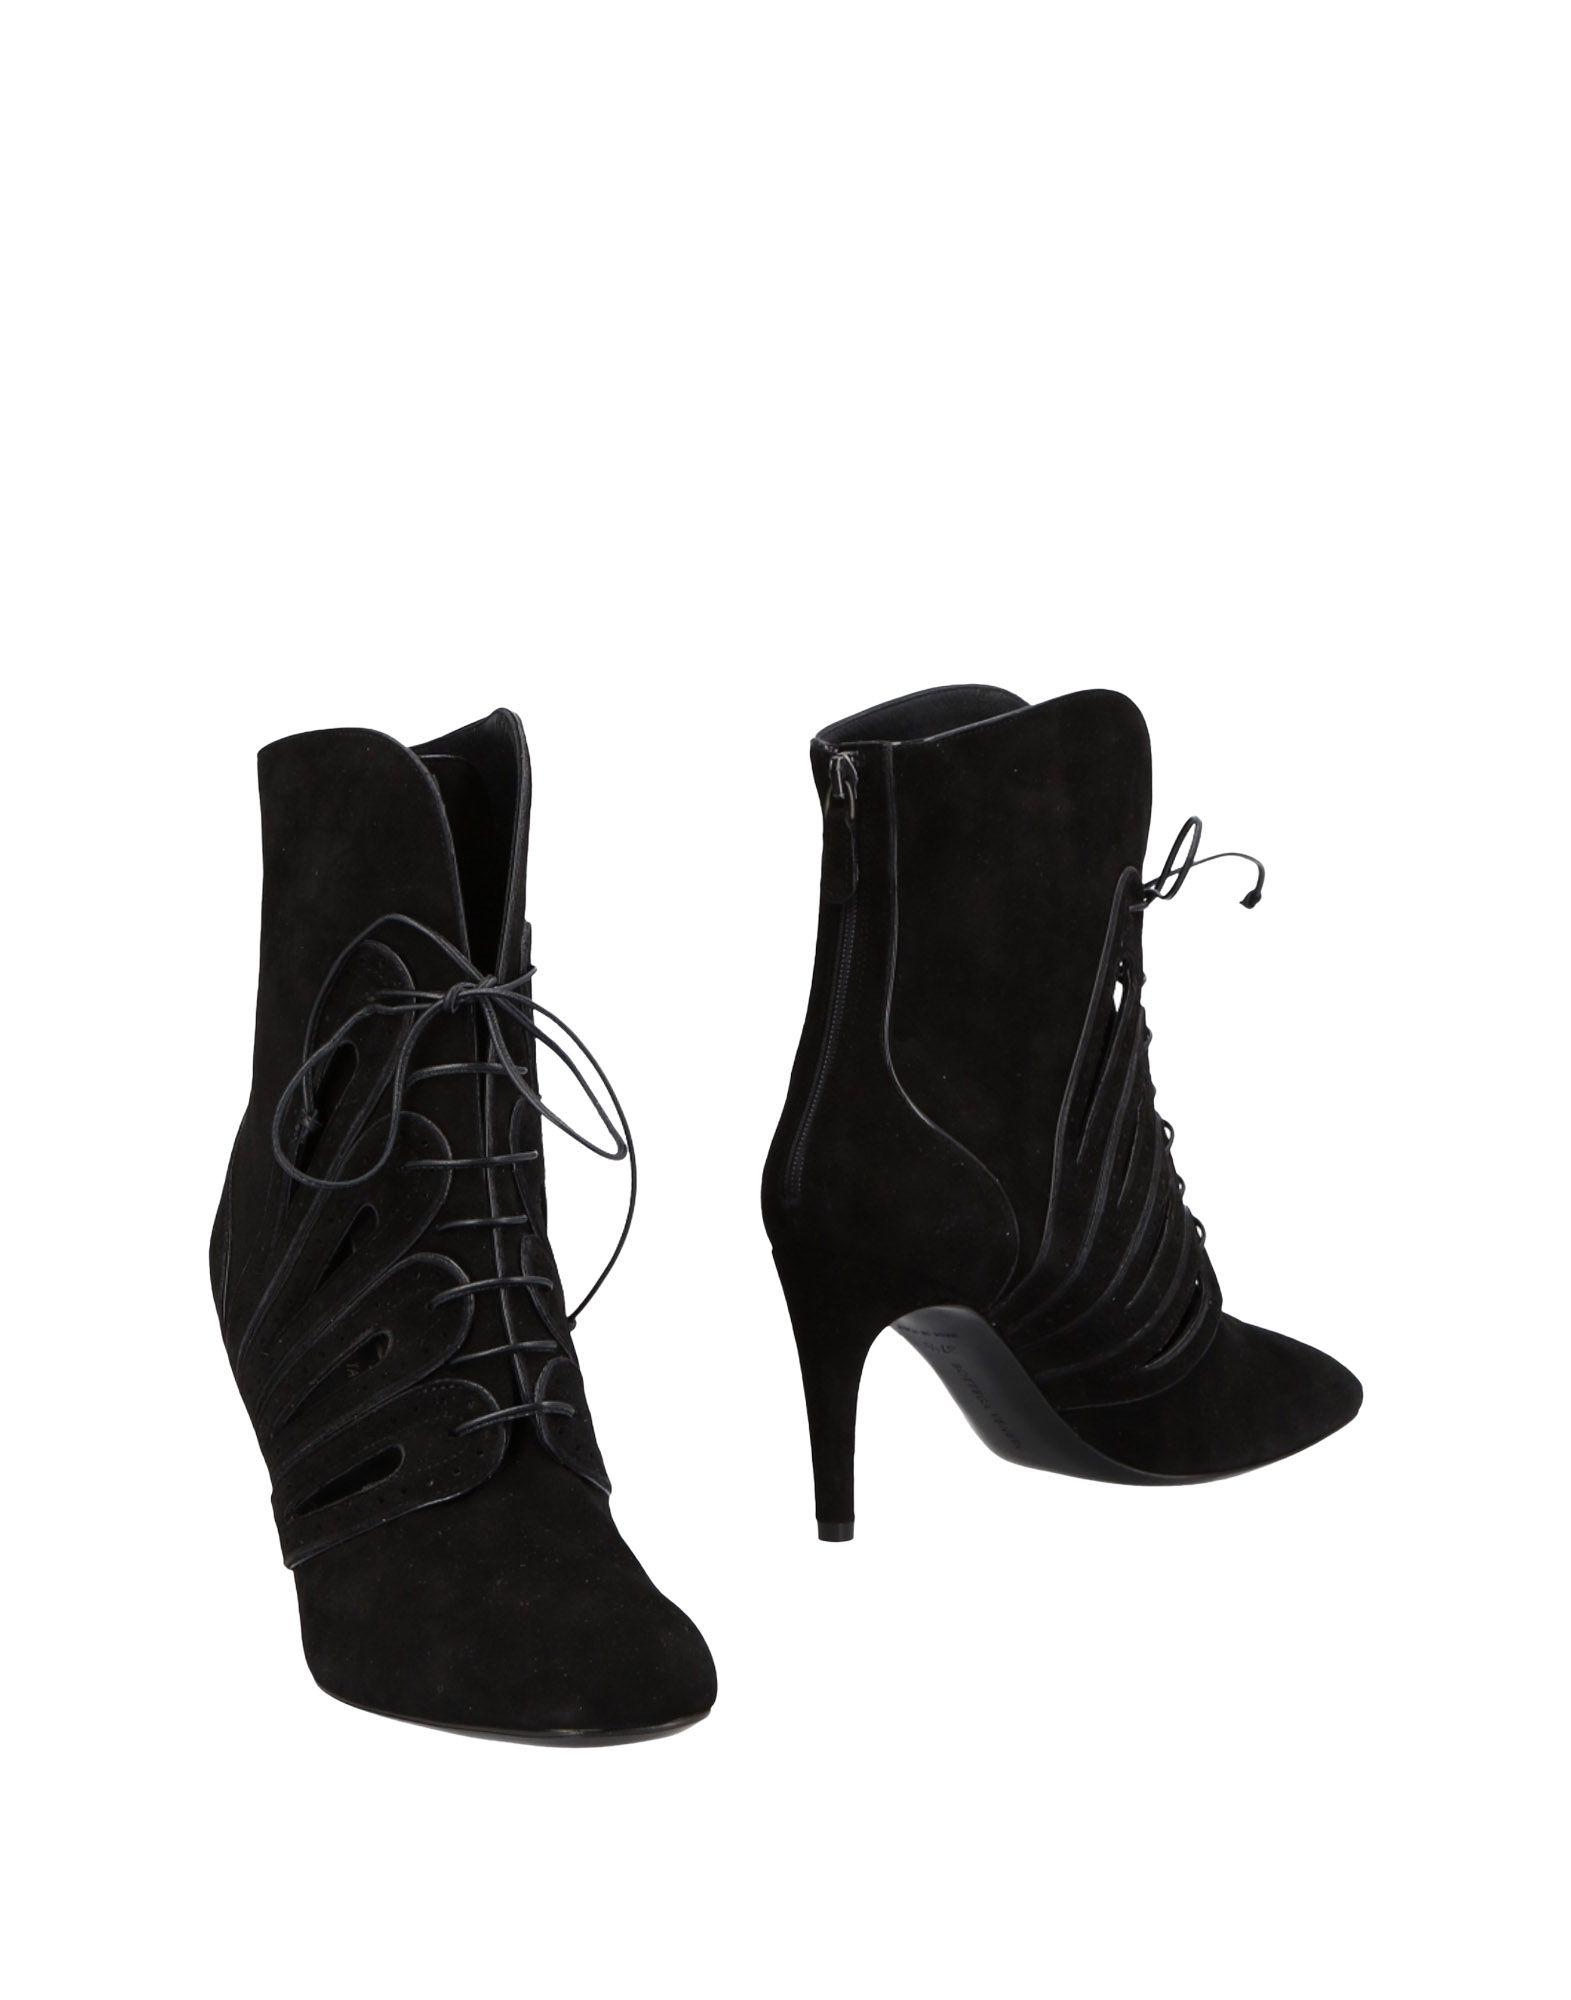 Bottega Veneta Stiefelette Damen  11487317MNGünstige gut aussehende Schuhe